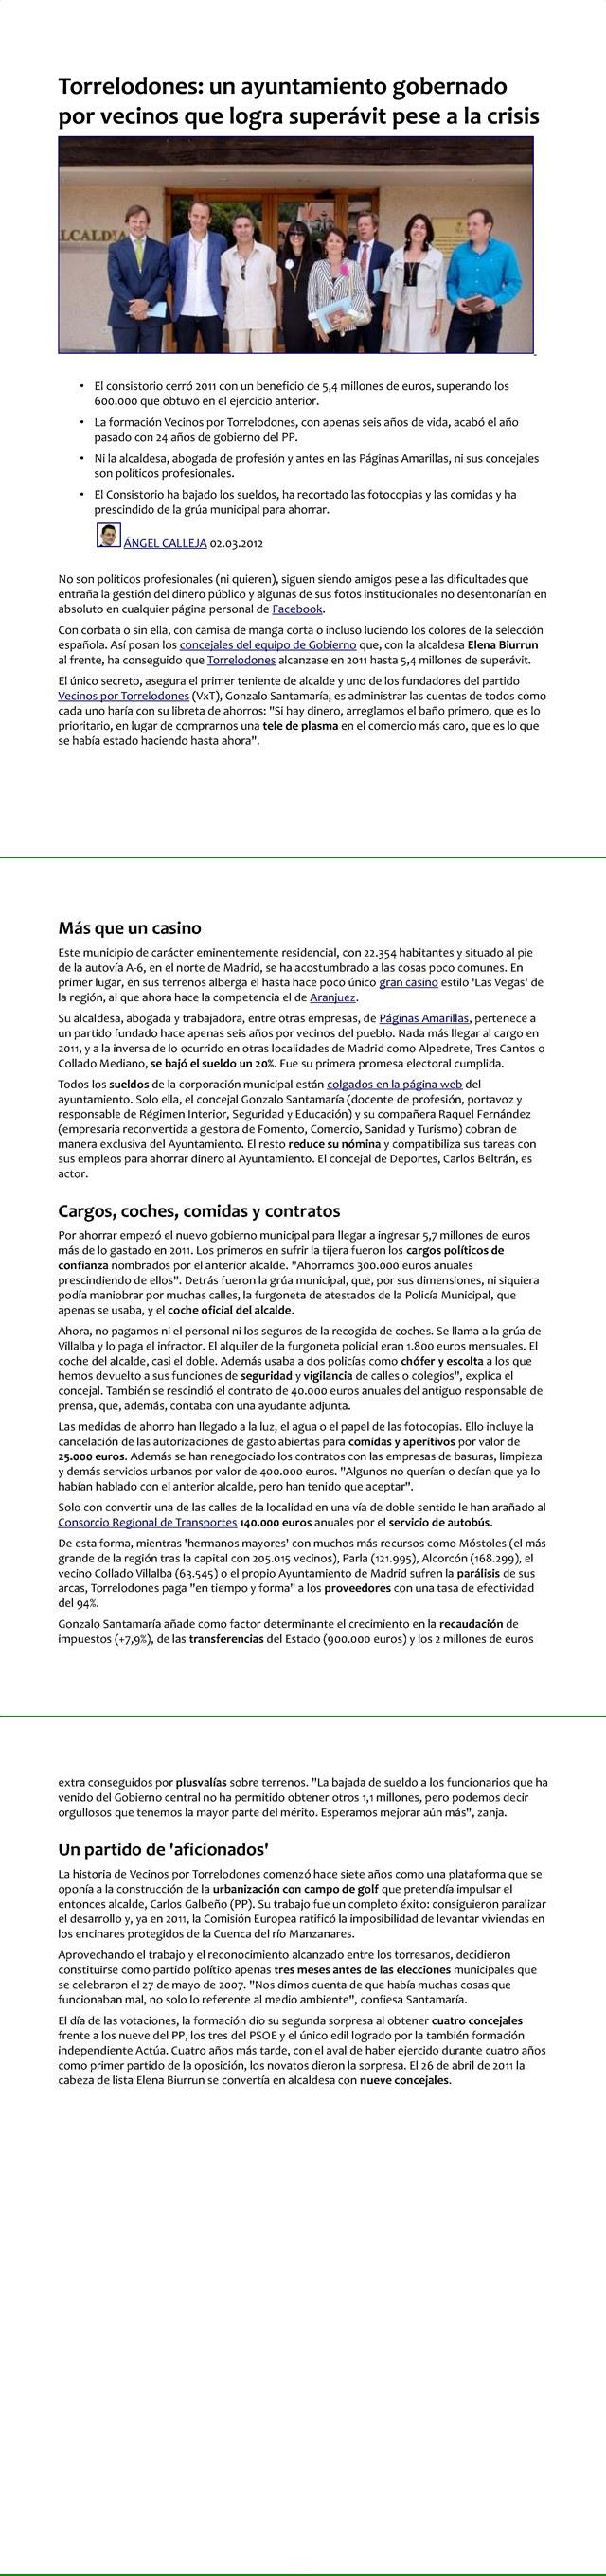 20120517200424-torrelodones-pagina-1-vert.jpg